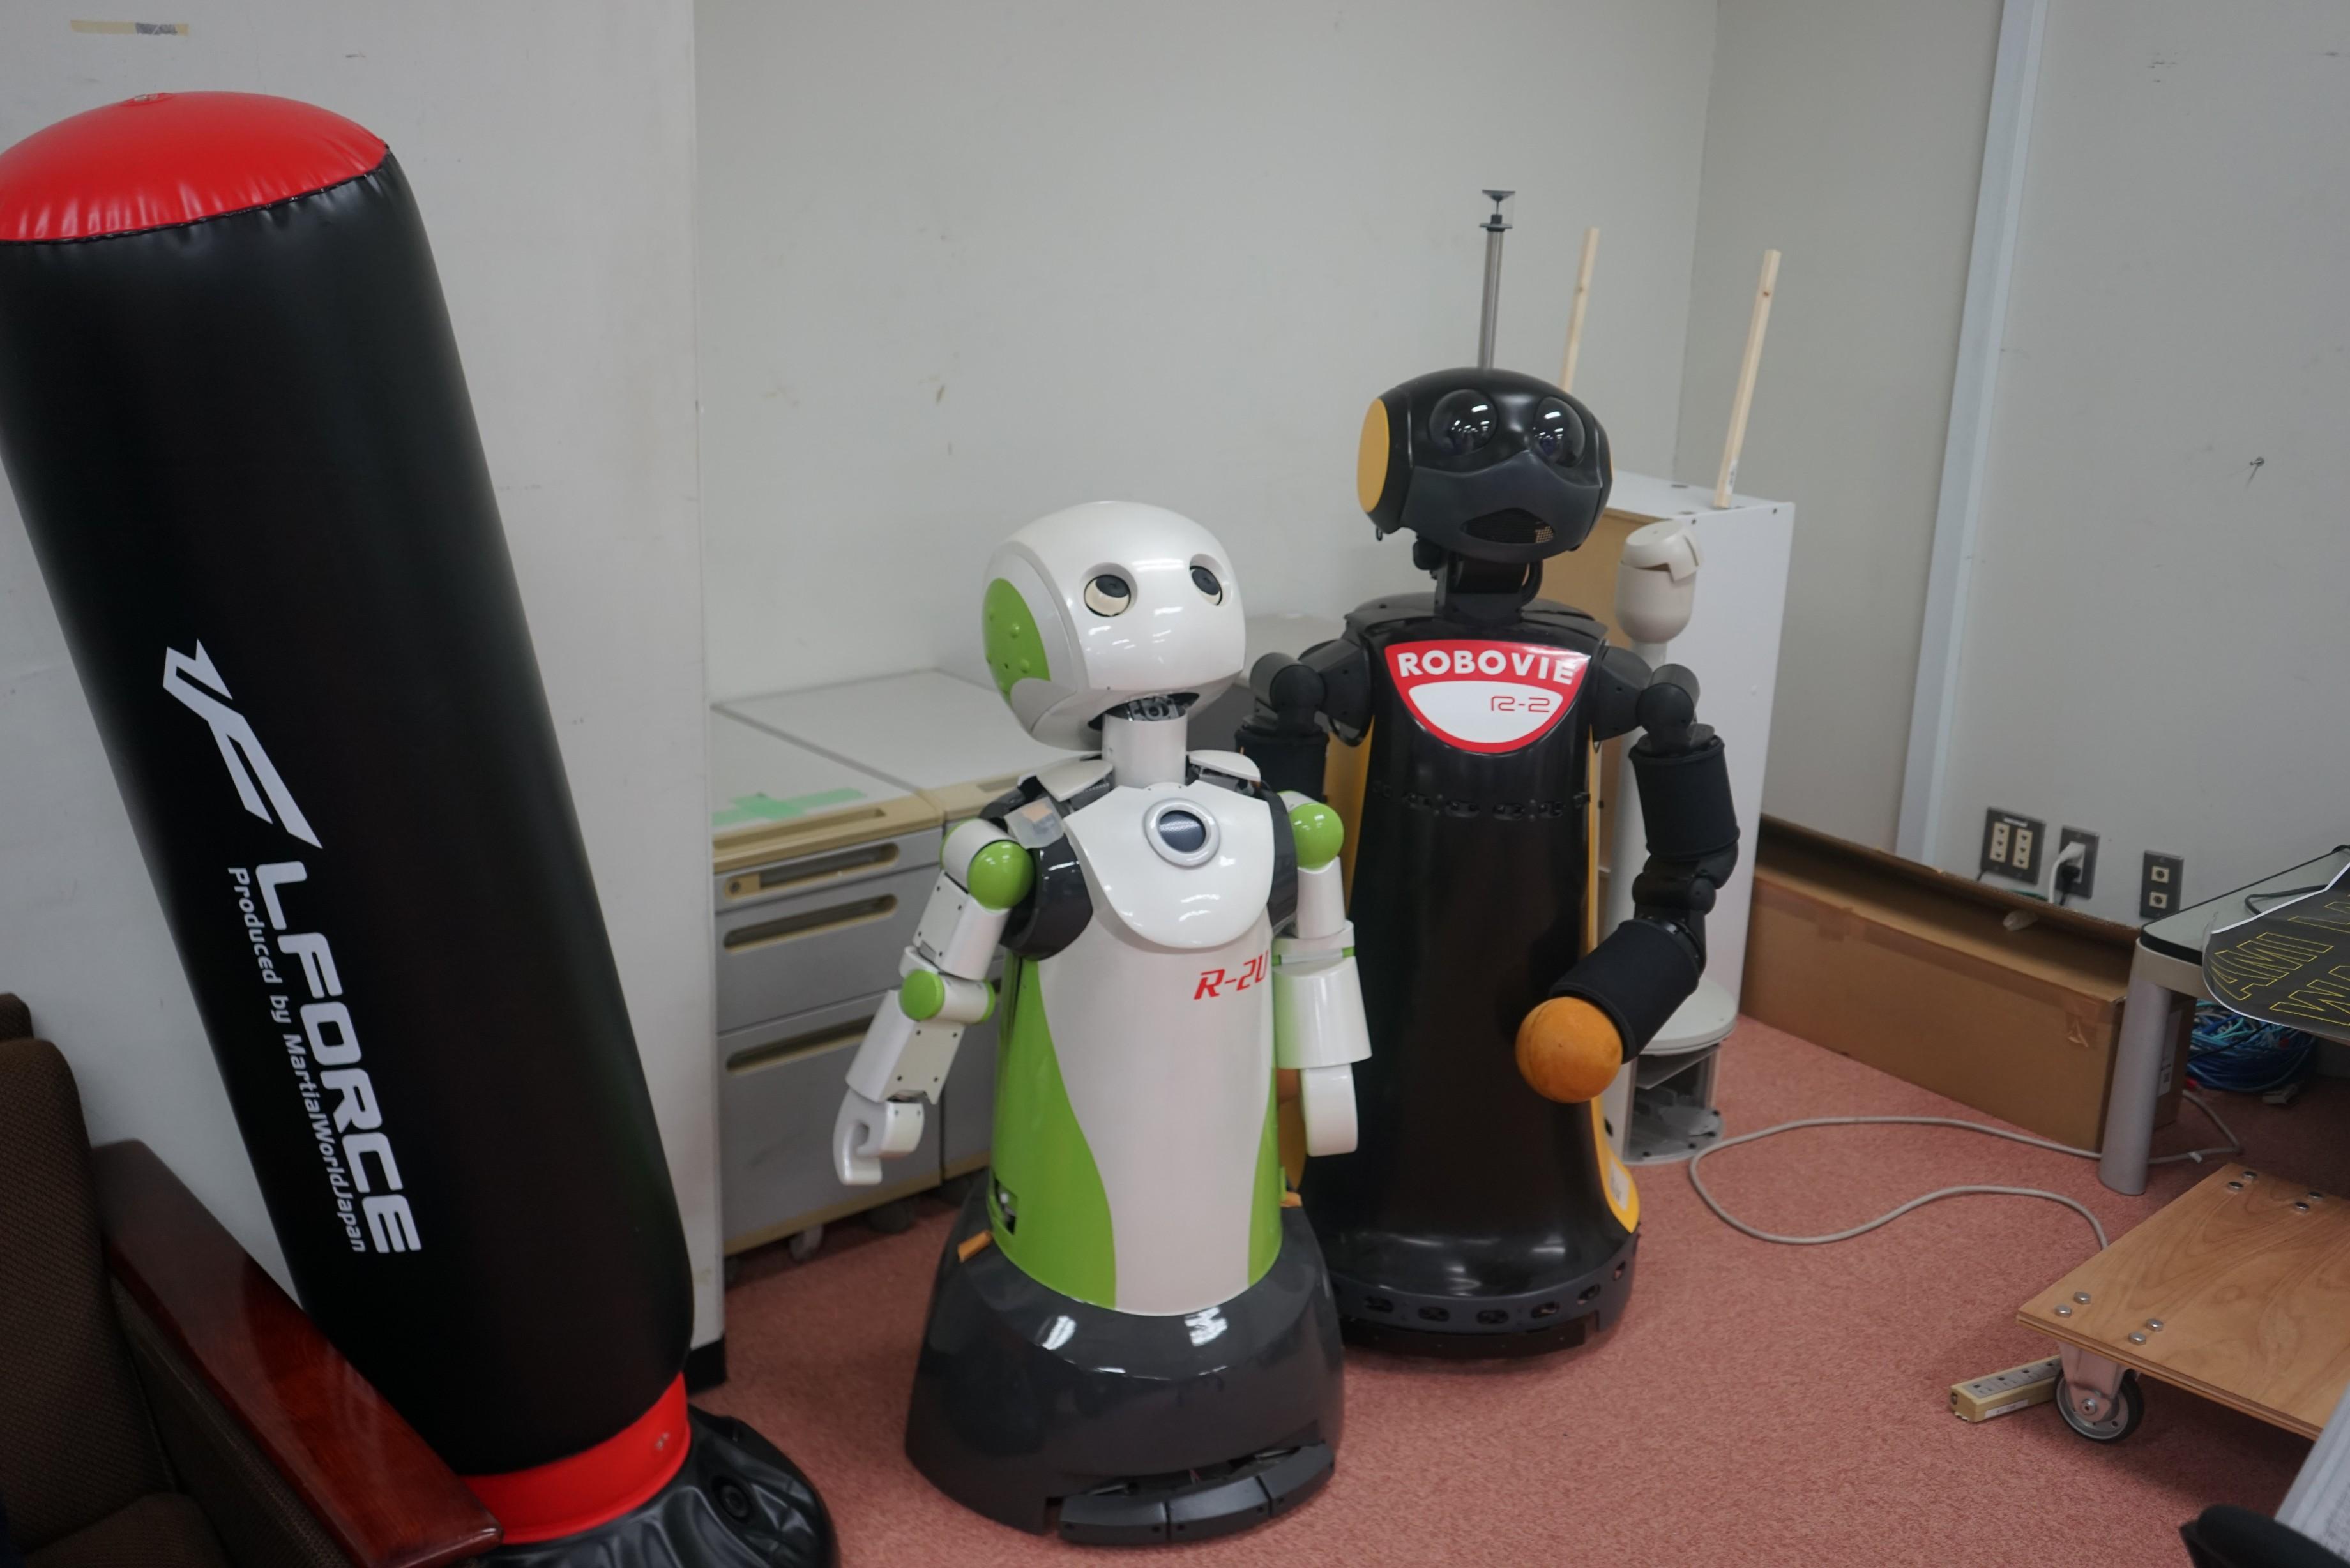 展示してあったロボット達です。